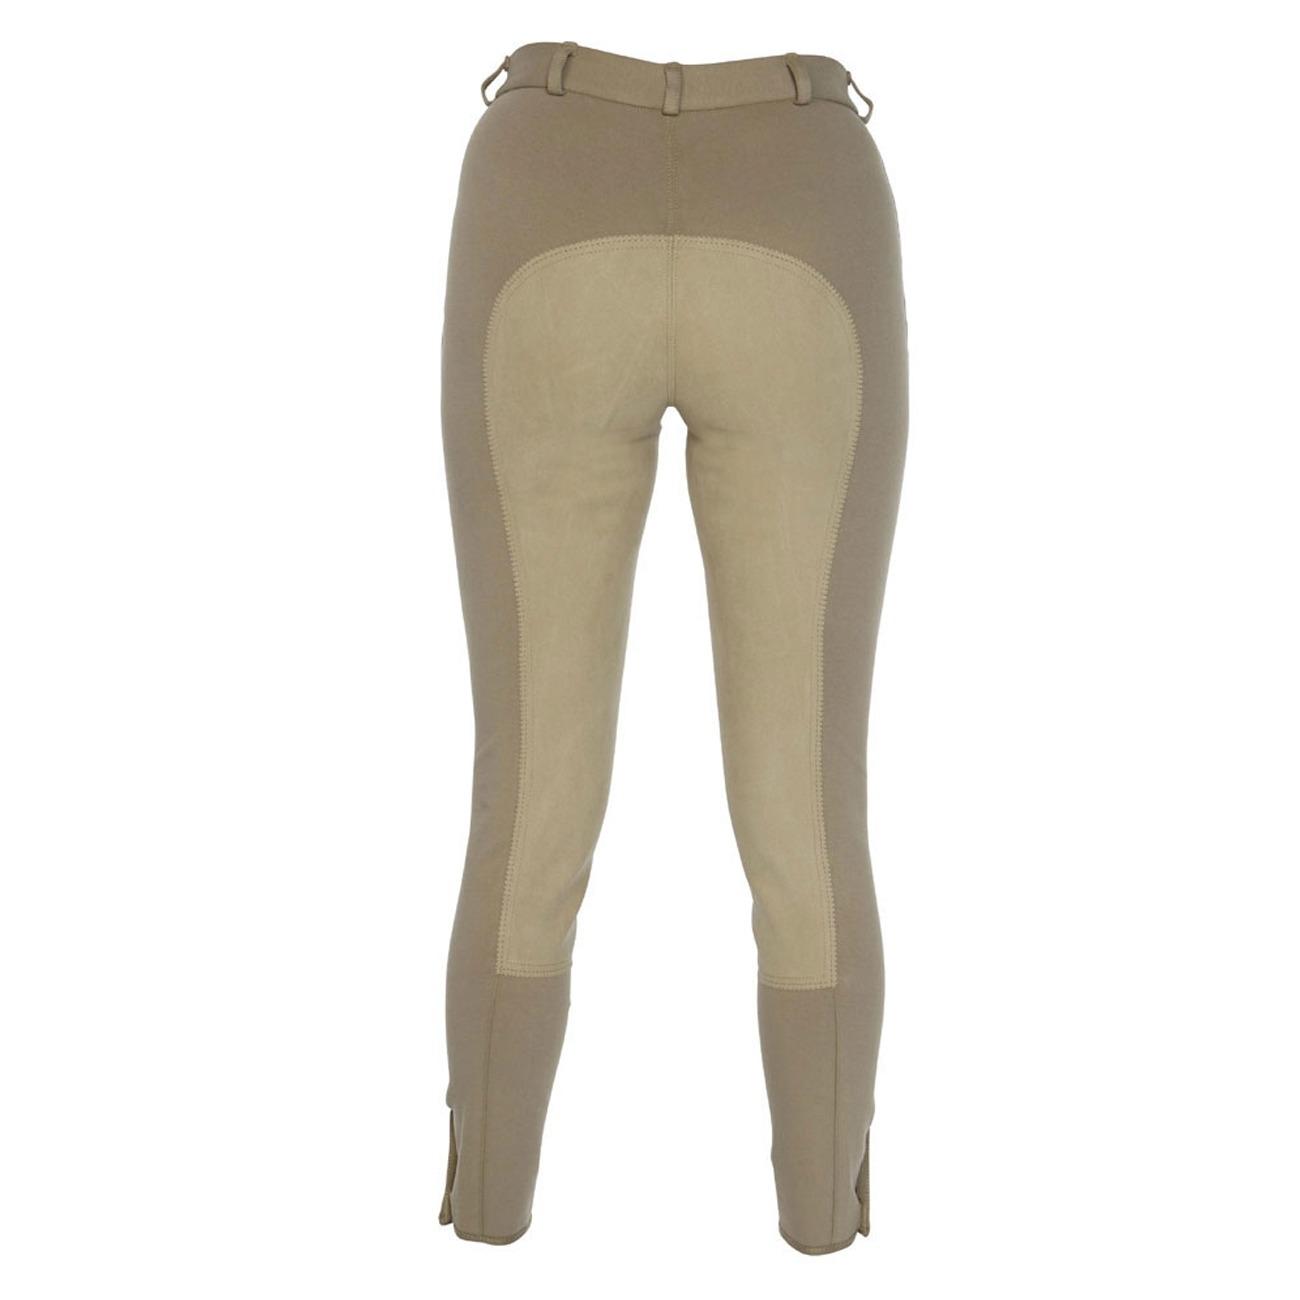 Bukse m/skinn